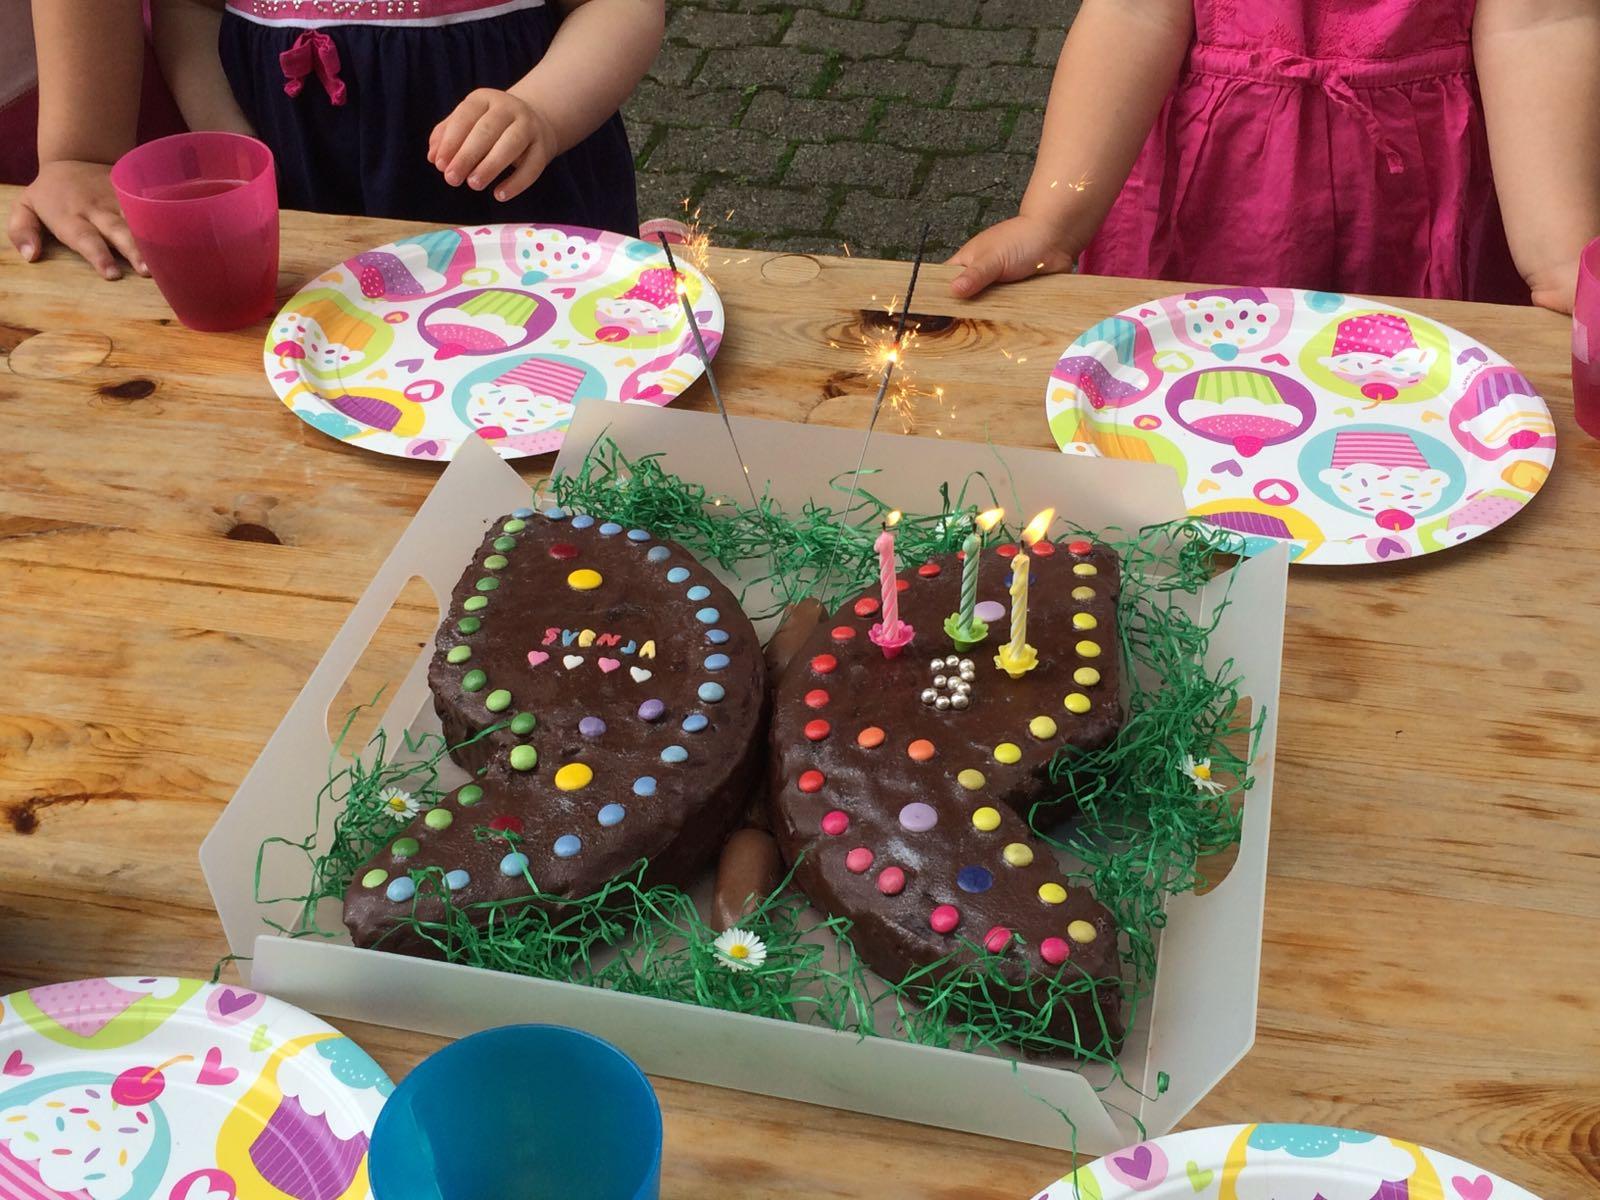 Die Coolsten Geburtstagskuchen Der Schmetterling Doublyblessedblog